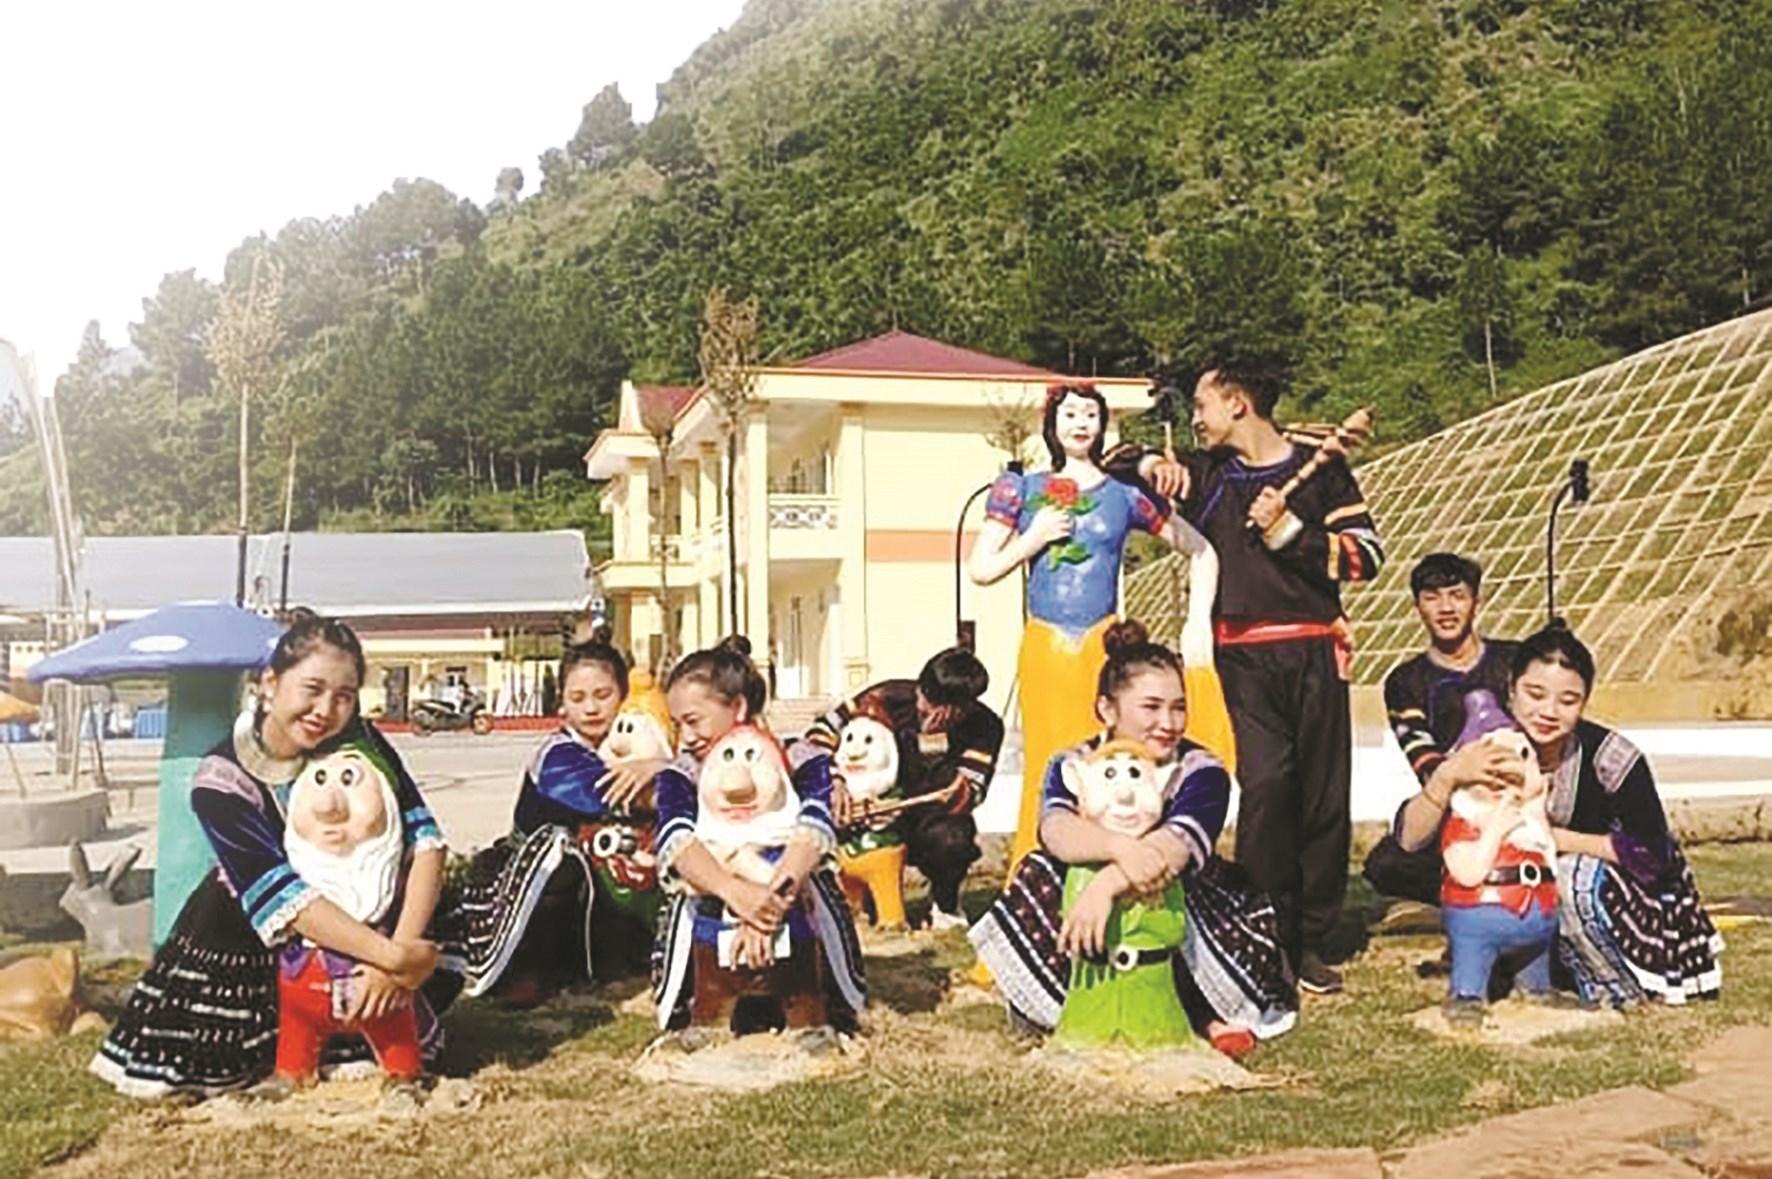 Ảnh chụp kỷ yếu với trang phục dân tộc của các em học sinh lớp 12A1 Trường THPT Quyết Thắng, TP. Lai Châu